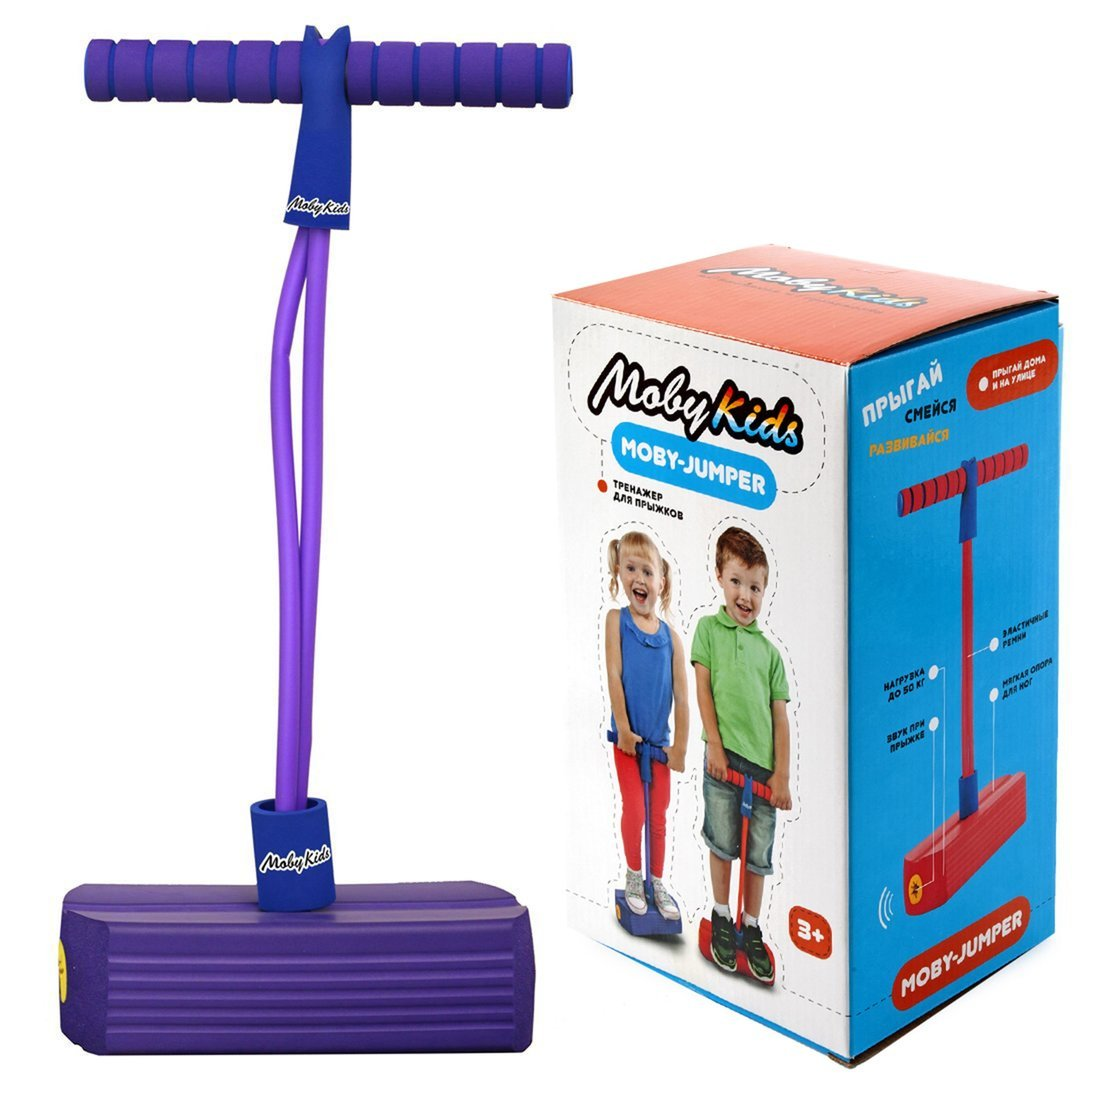 MobyJumper. Тренажер для прыжков со звуком, фиолет.